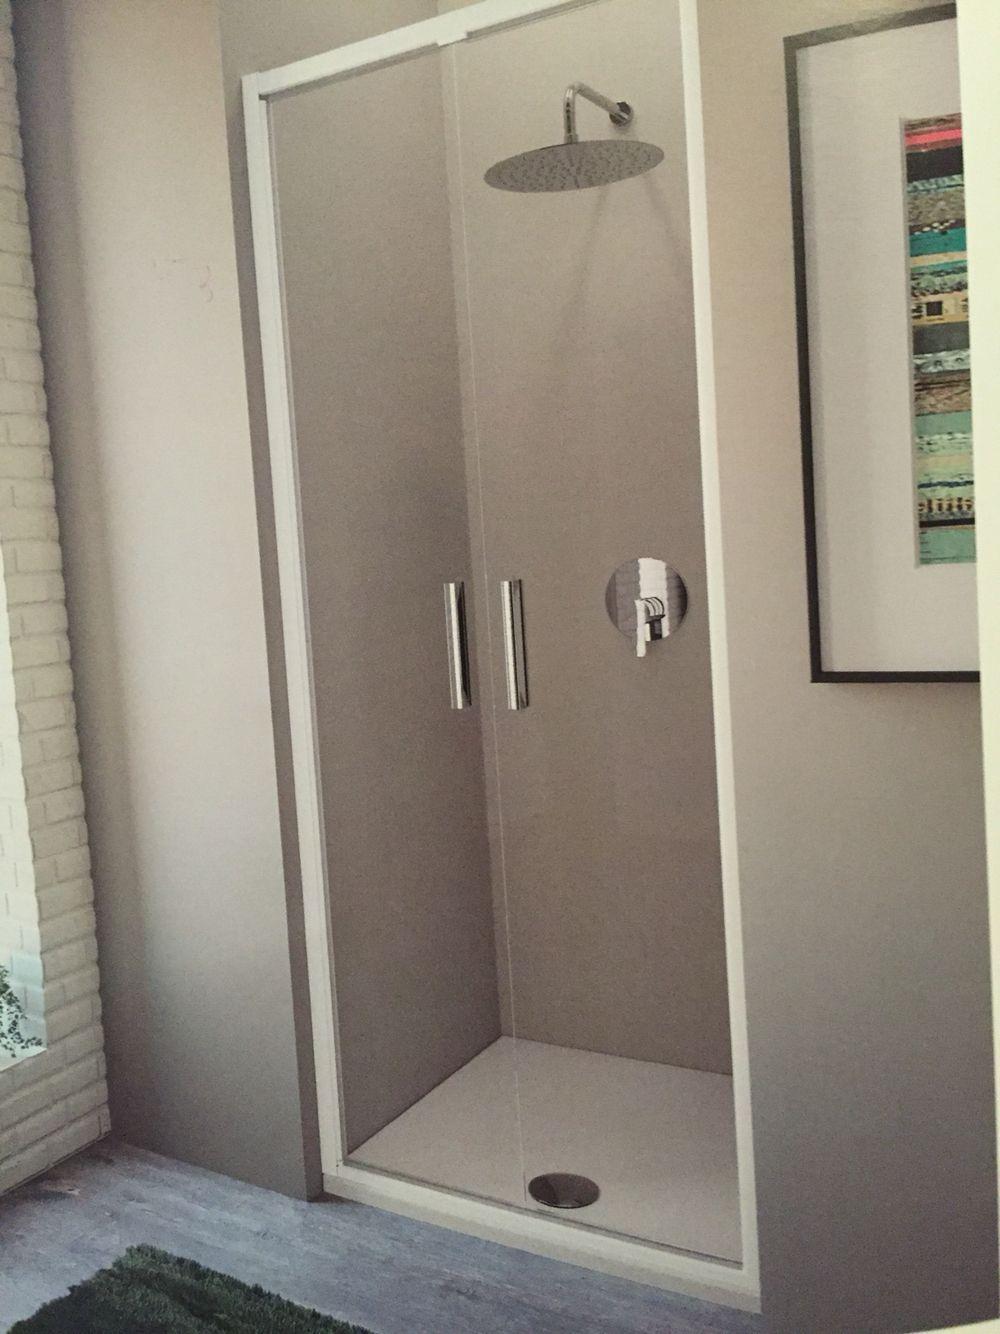 cabina doccia strada s 80 cm con piatto doccia strada 80x80 cm cabina doccia strada s 80 cm con piatto doccia strada 80x80 cm soffione idealrain luxe e